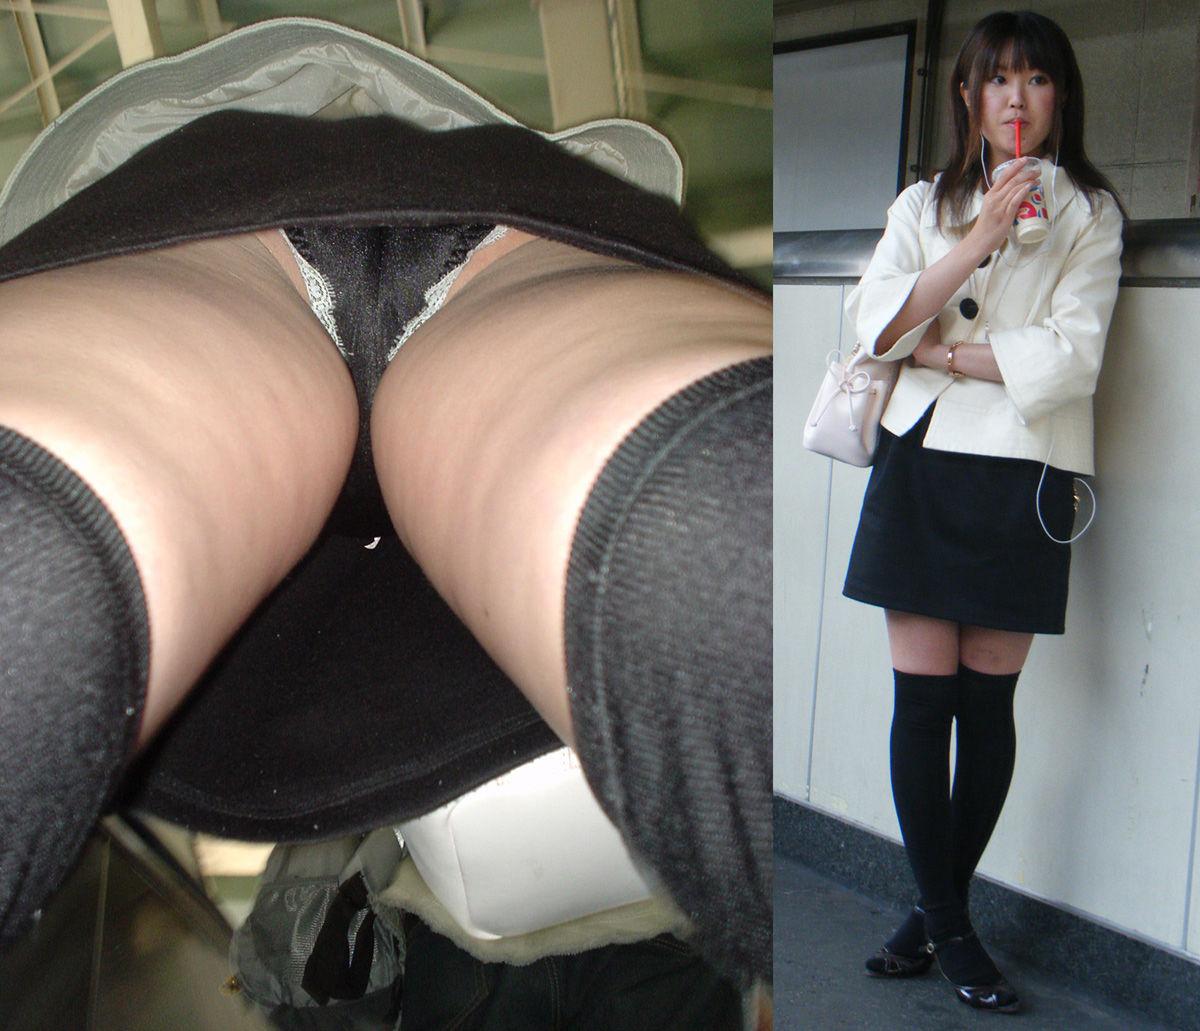 調子に乗ってるOLの逆さタイトスカート盗撮画像2枚目